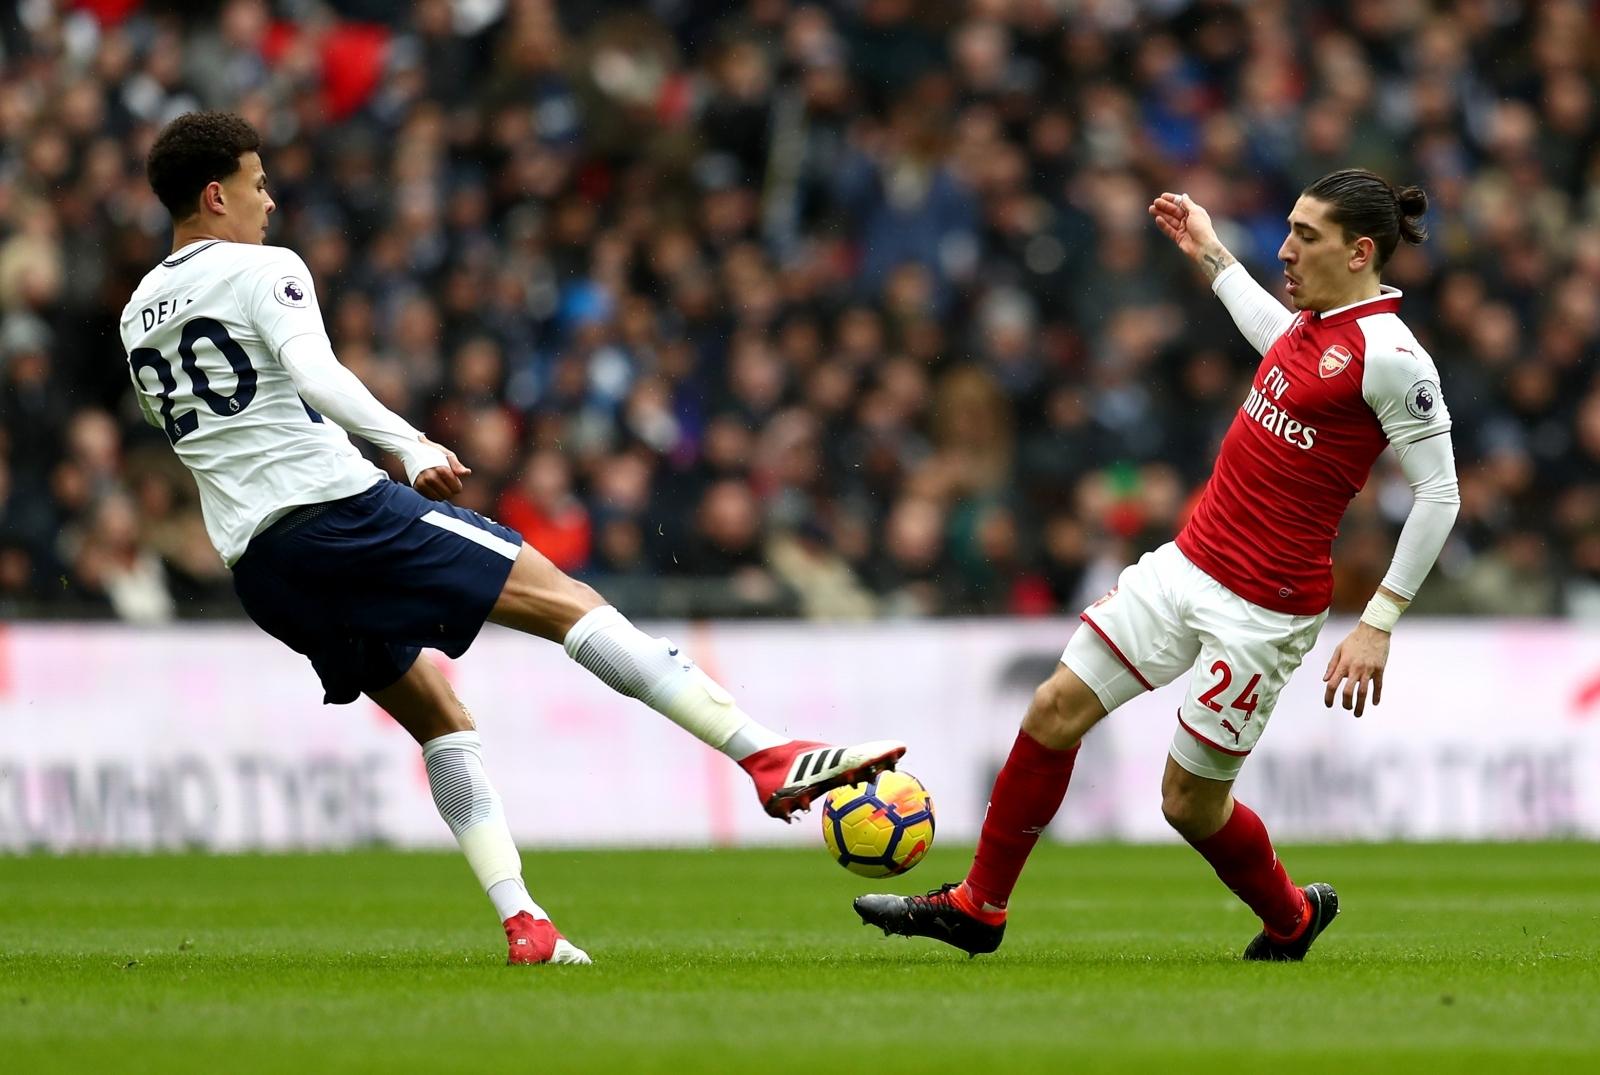 Tottenham vs Arsenal